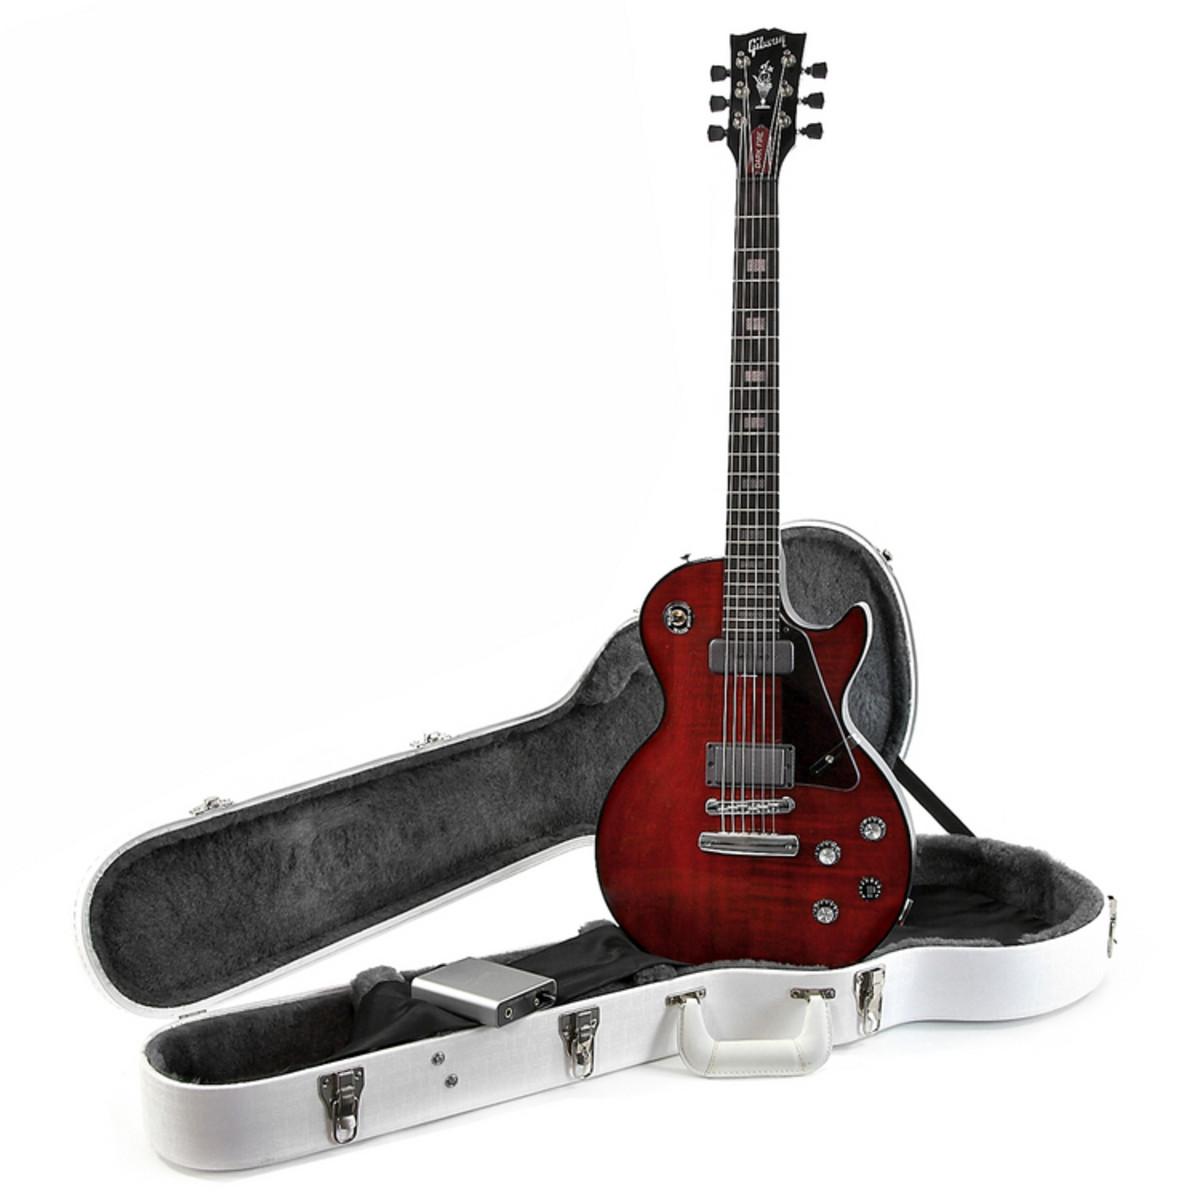 Gibson Dark Fire Robot Les Paul Guitar, Limited Edition bei Gear4music